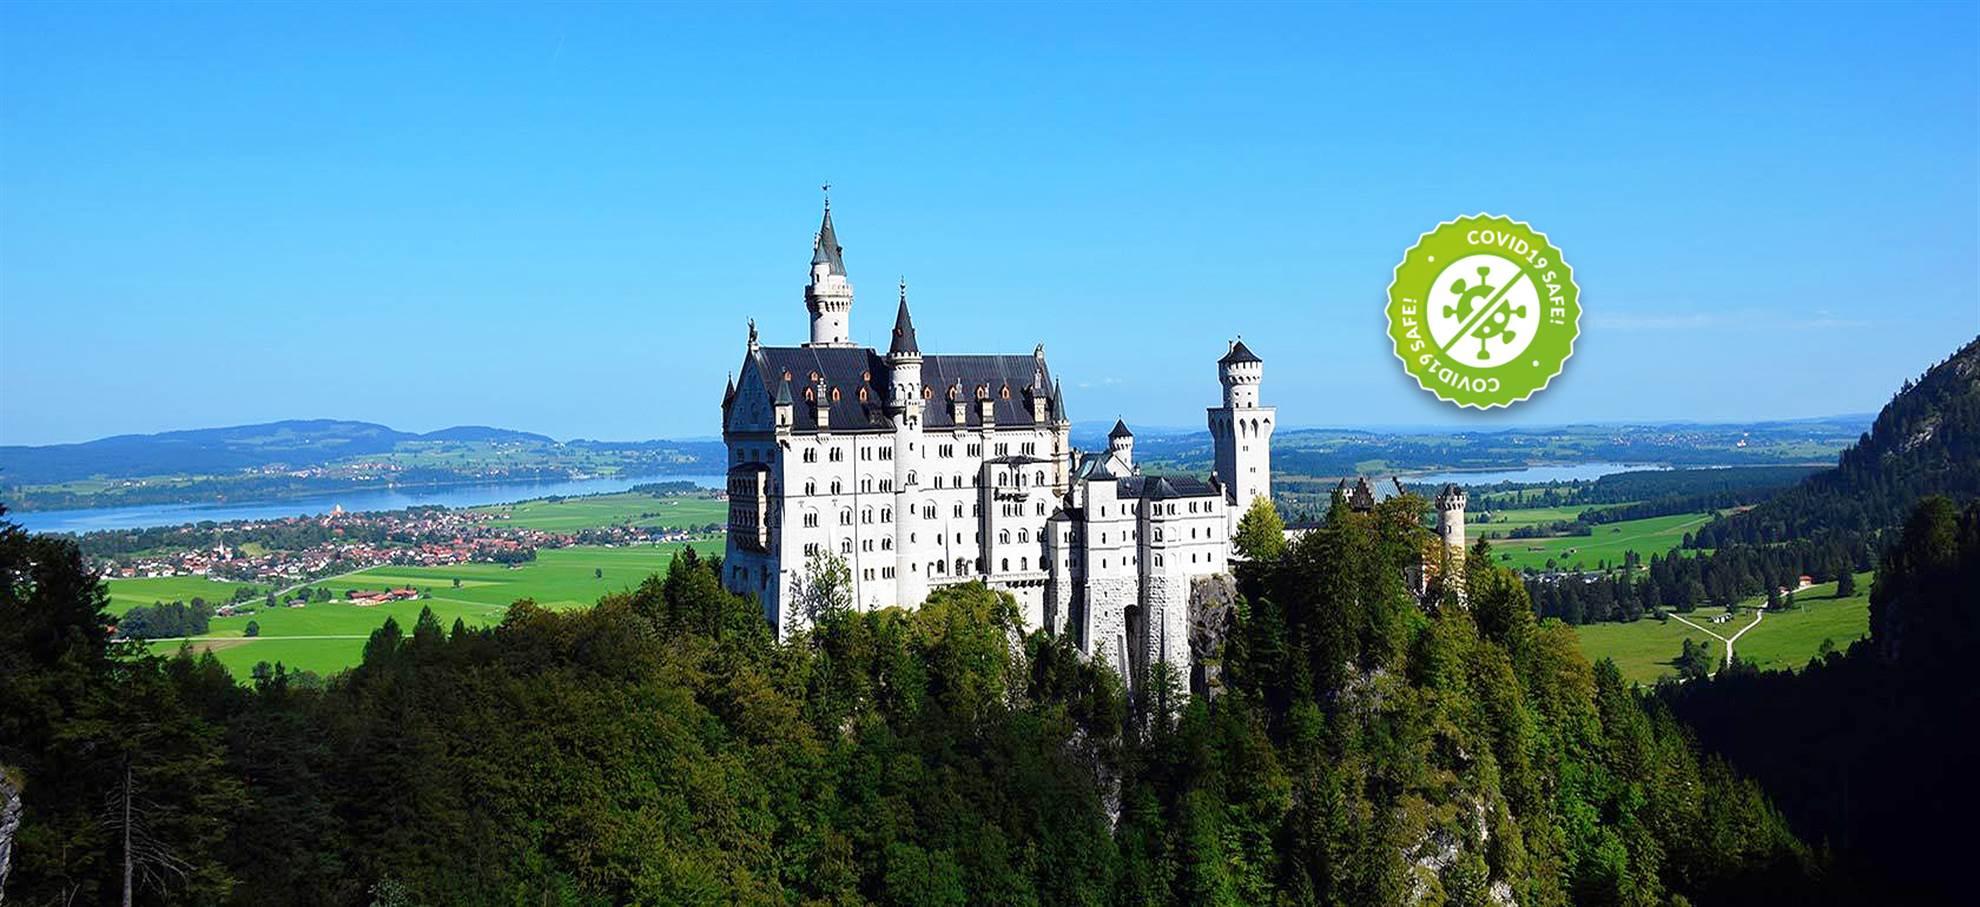 Rundgang Schloss Neuschwanstein (WT)